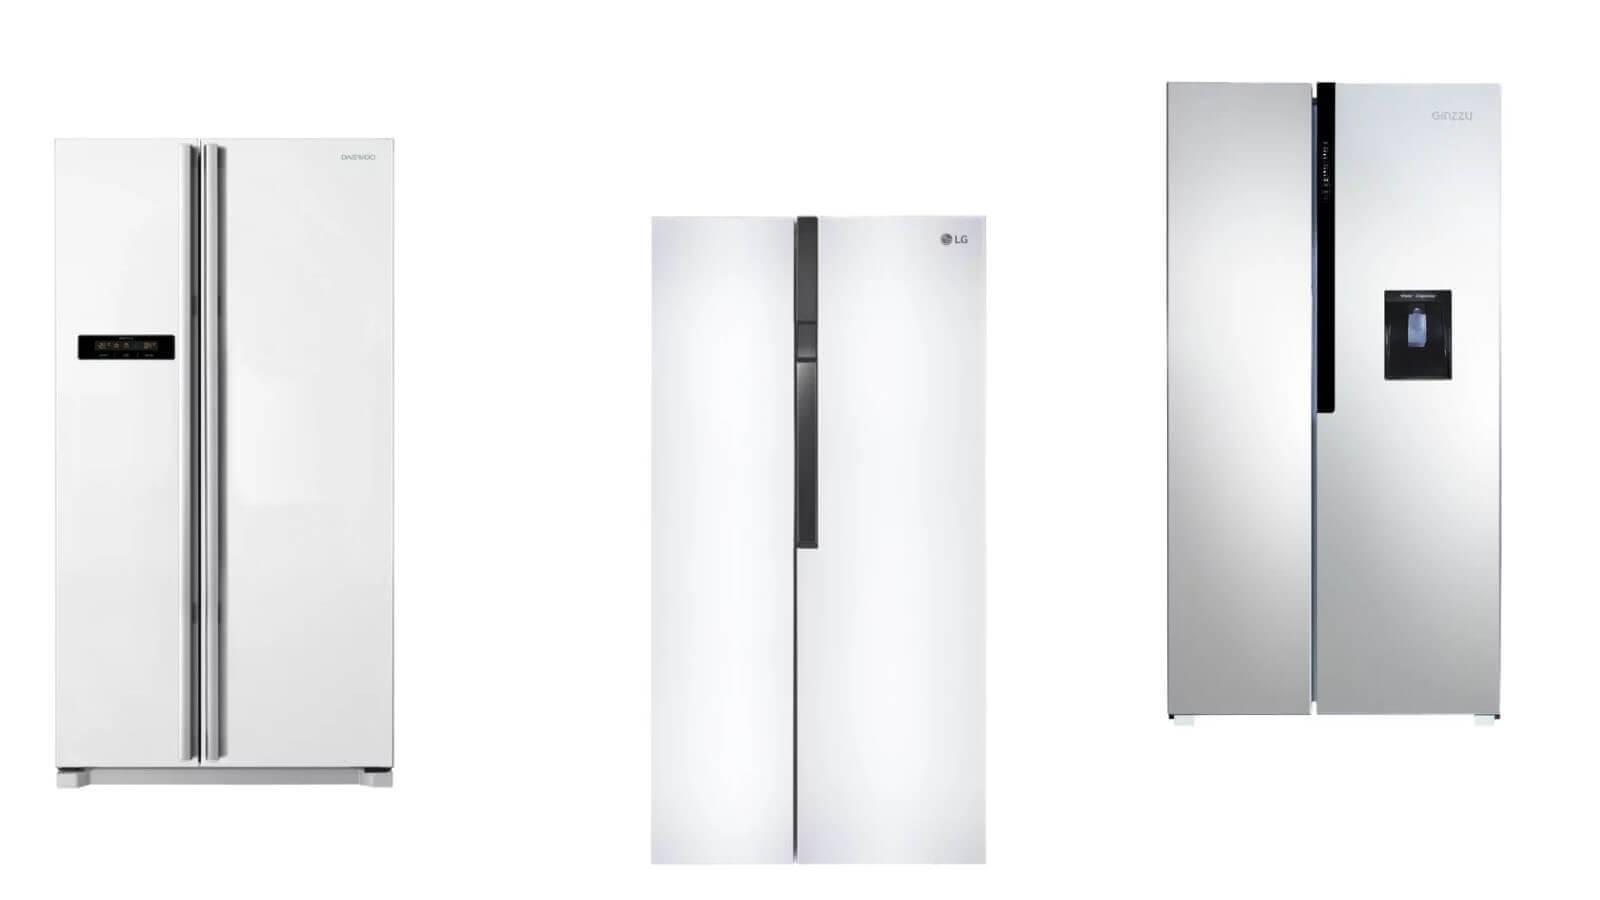 Холодильники side-by-side: какой лучше выбрать и почему + рейтинг лучших моделей - точка j